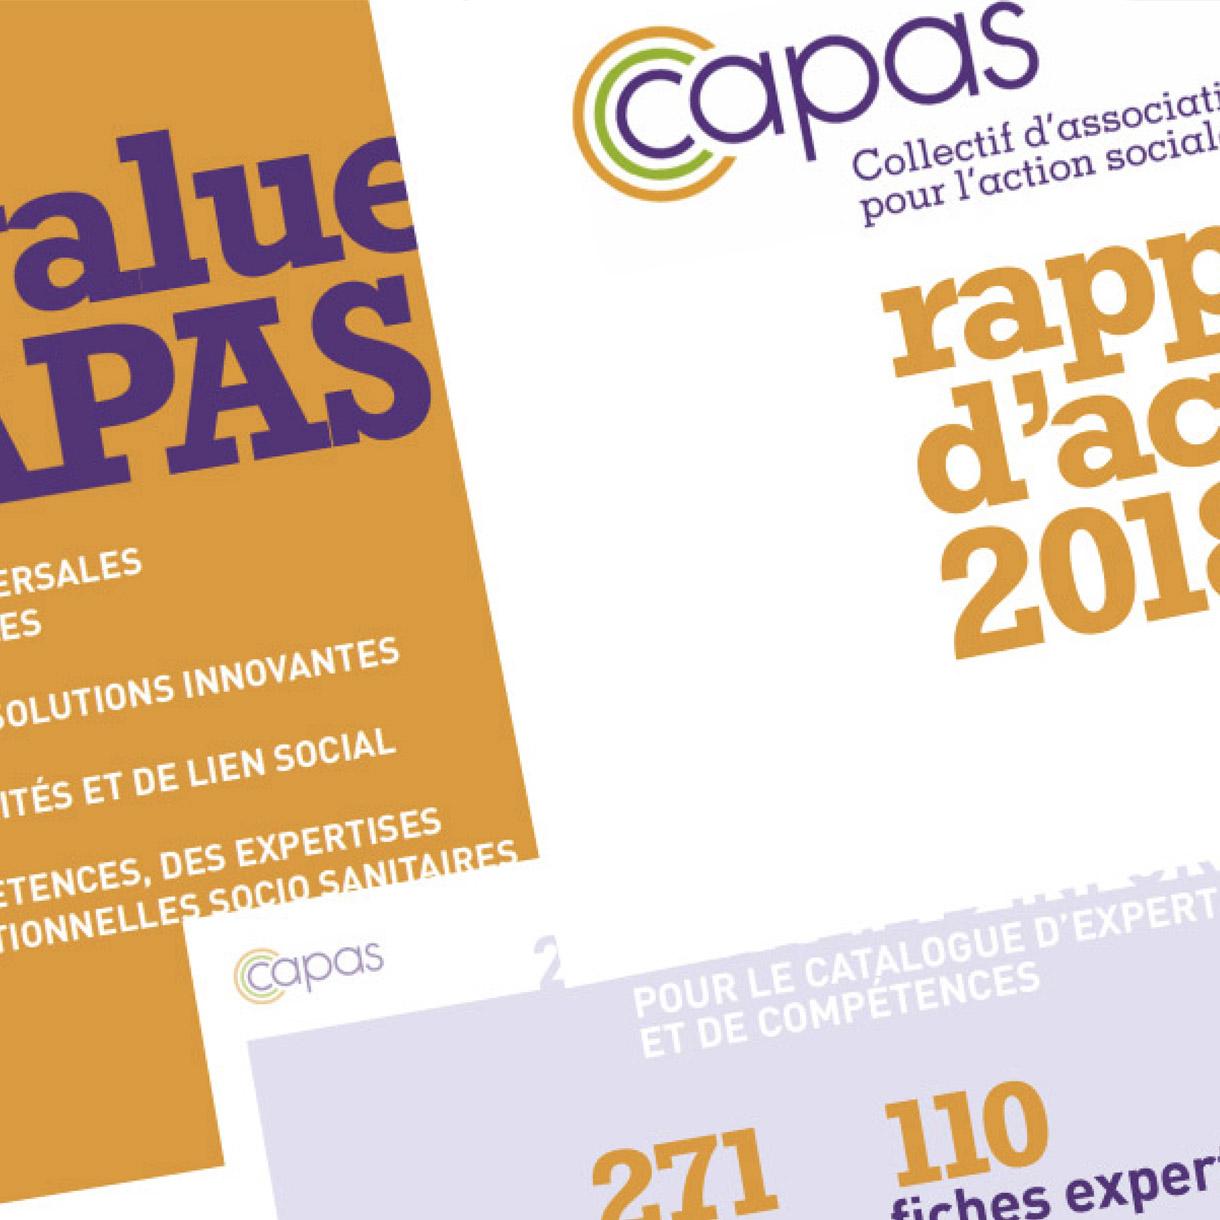 CAPAS_net